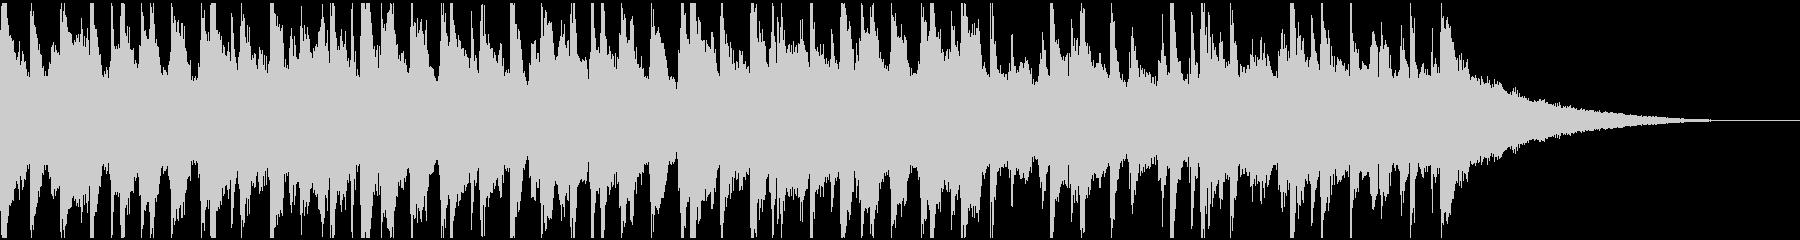 30秒ウクレレ、リコーダーの楽しい楽曲Bの未再生の波形